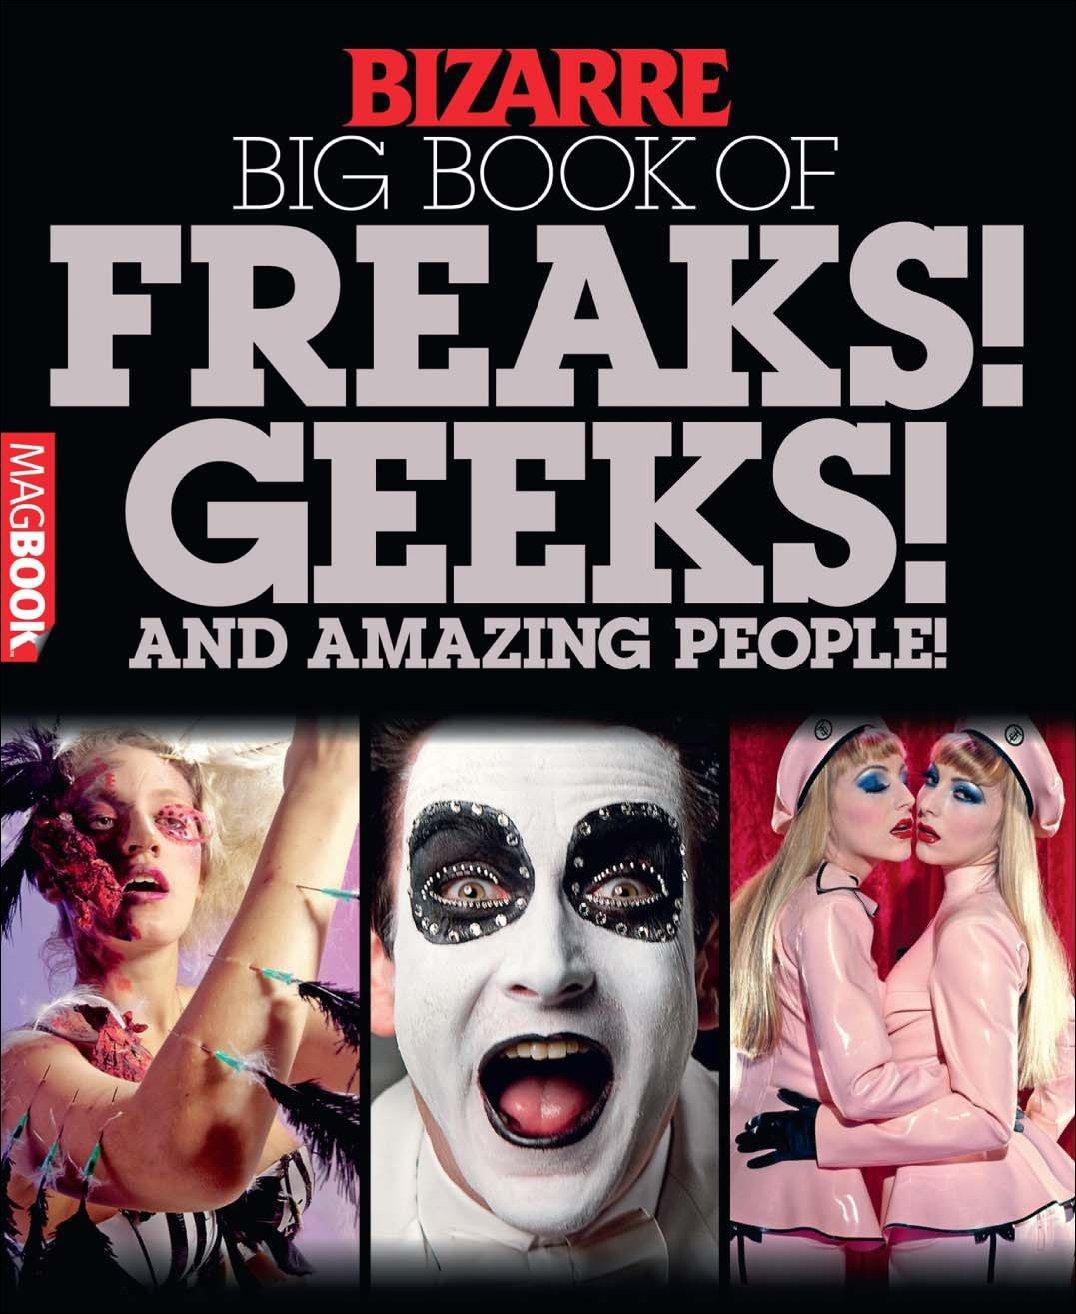 Bizarre Big Book of Freaks Geeks and Amazing People Digital